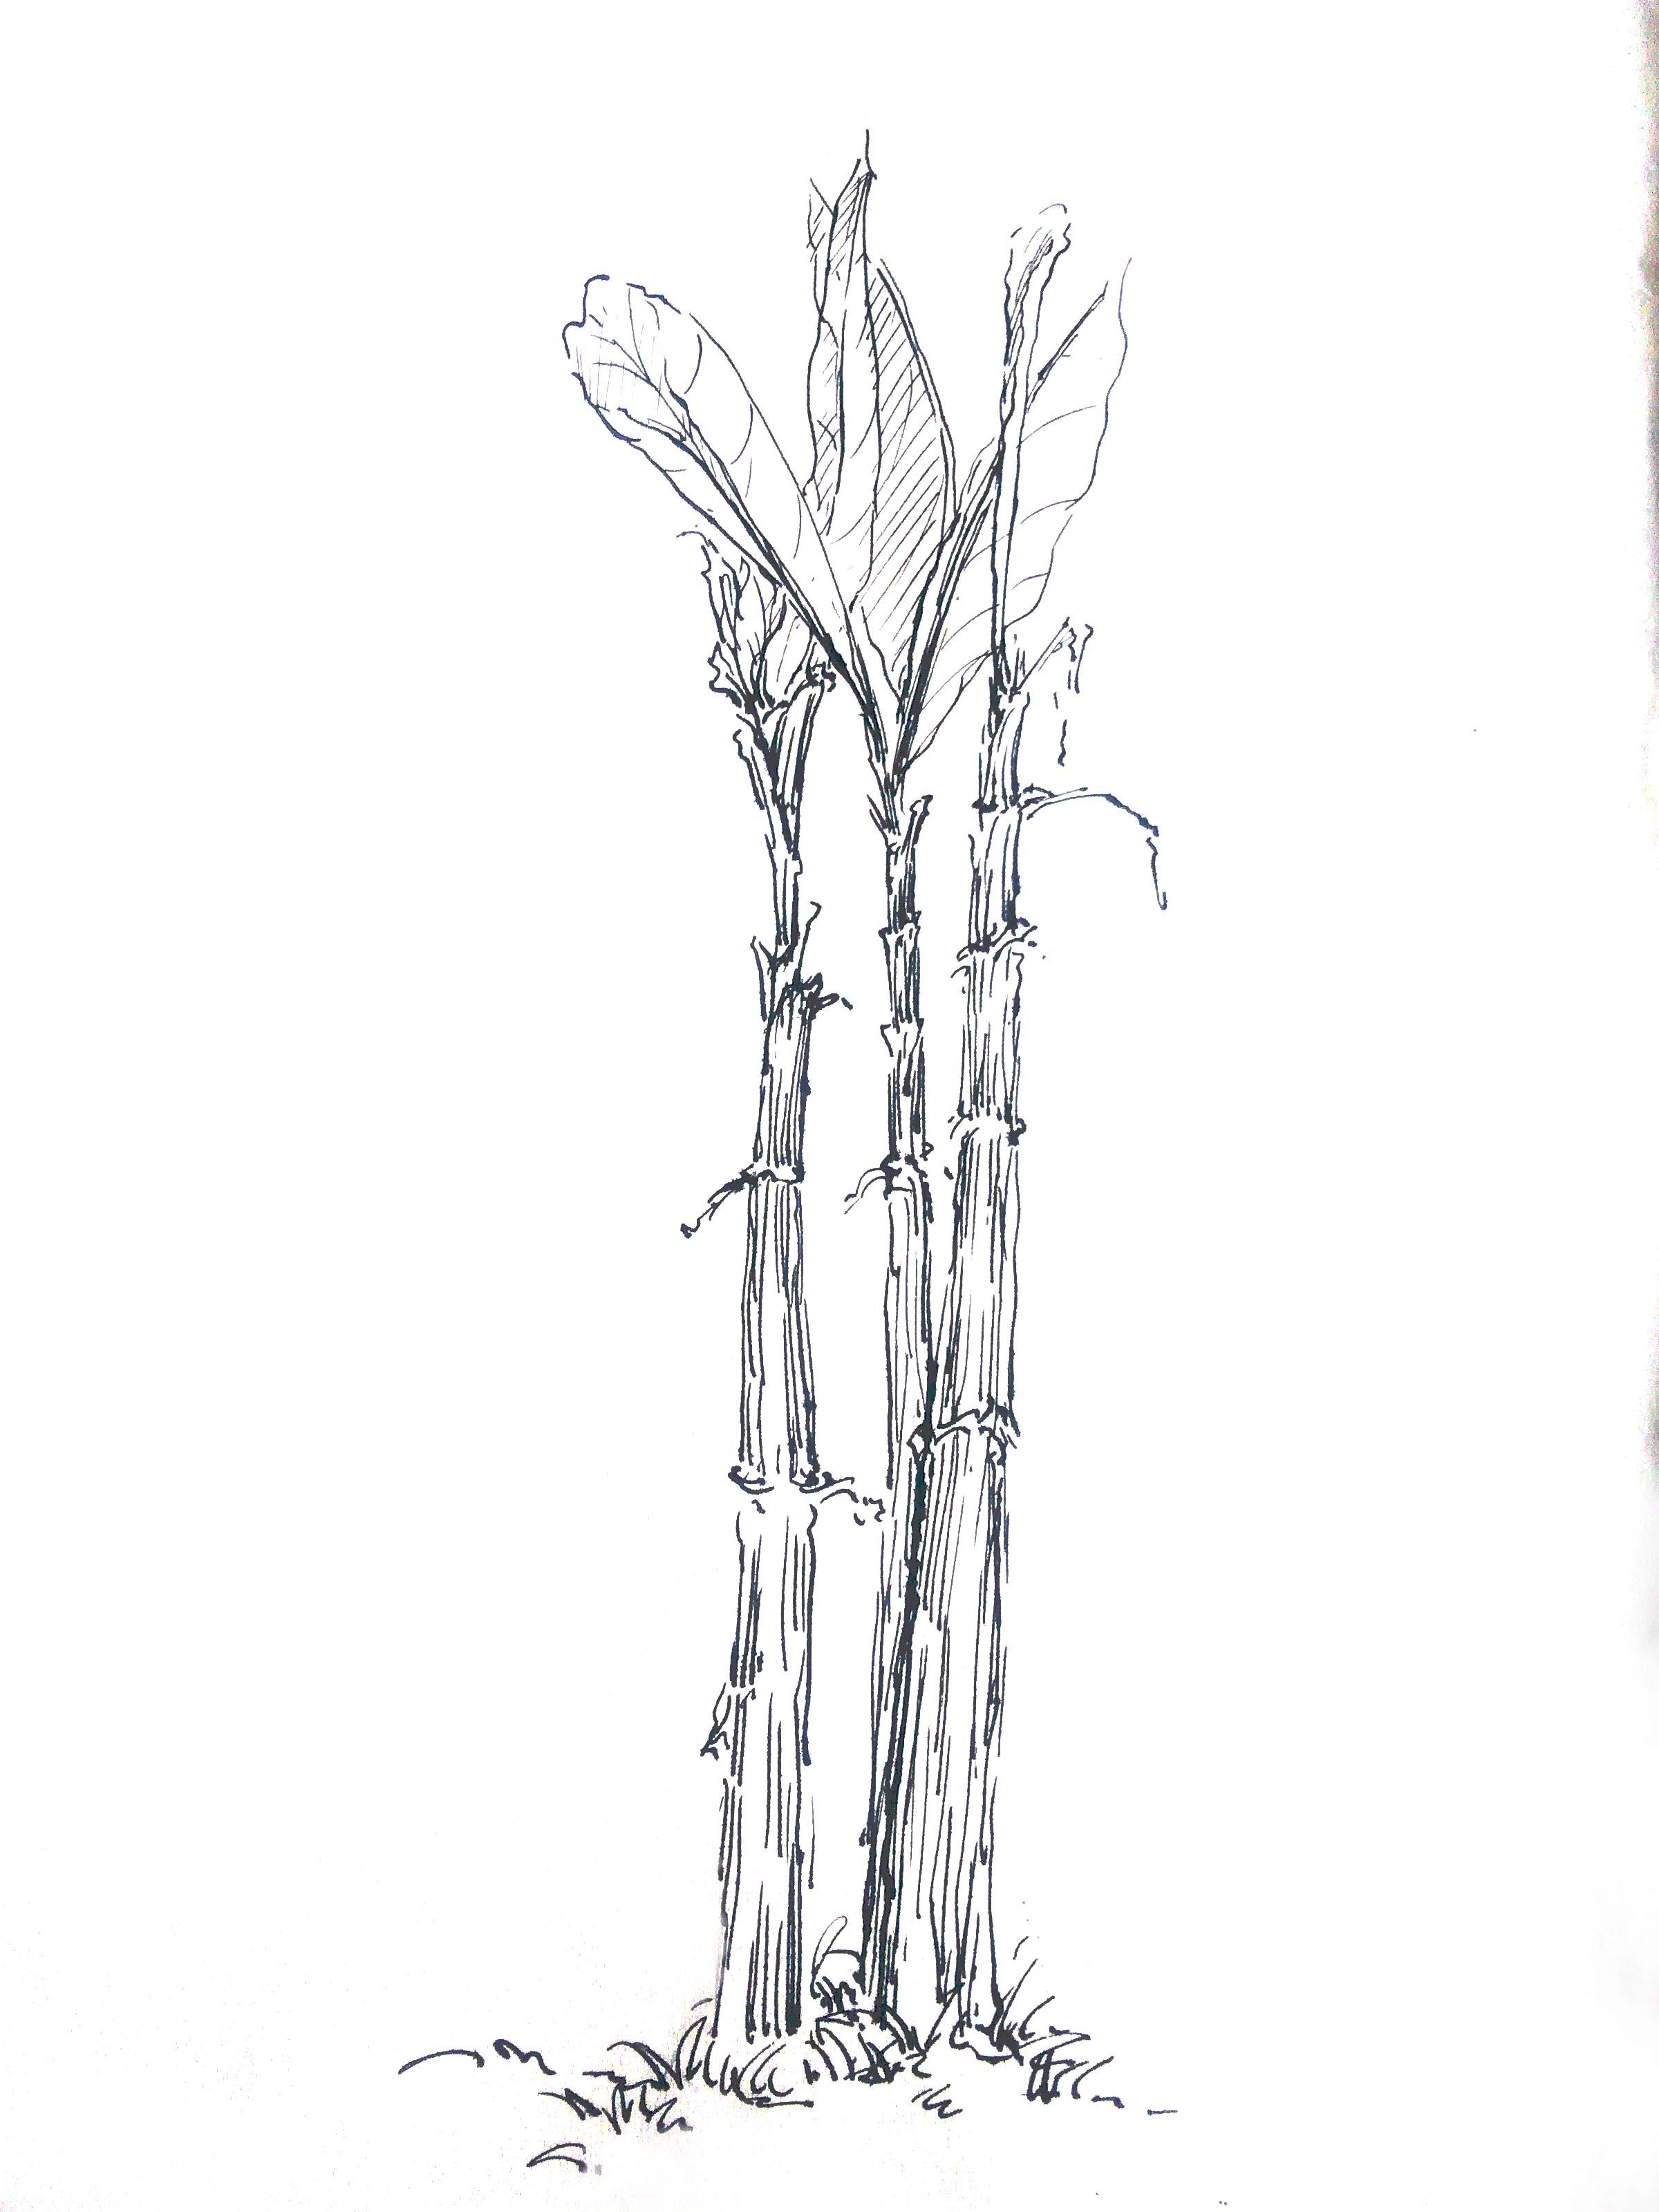 简单的动植物|纯艺术|钢笔画|吃鱼的兔子mj - 原创